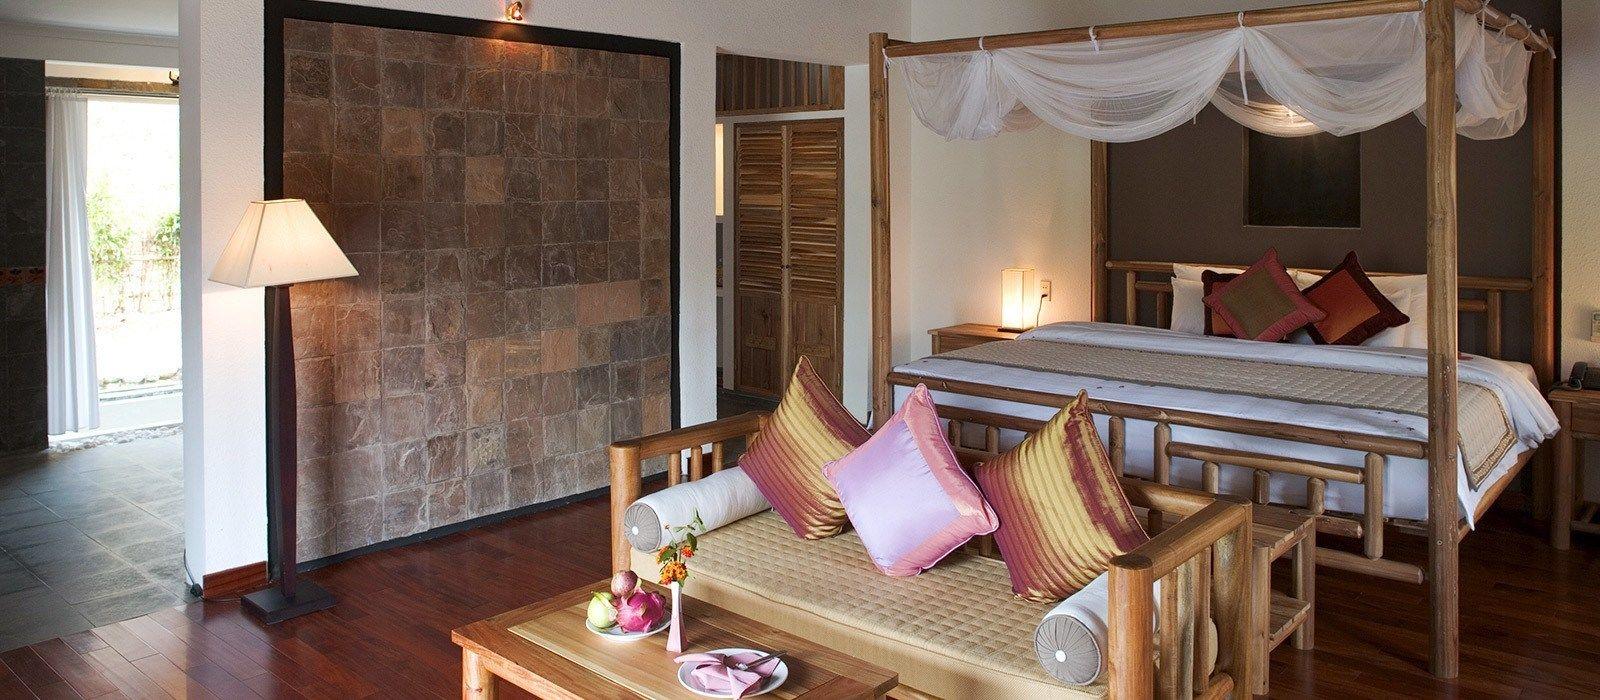 Hotel Pilgrimage Village (Hué) Vietnam